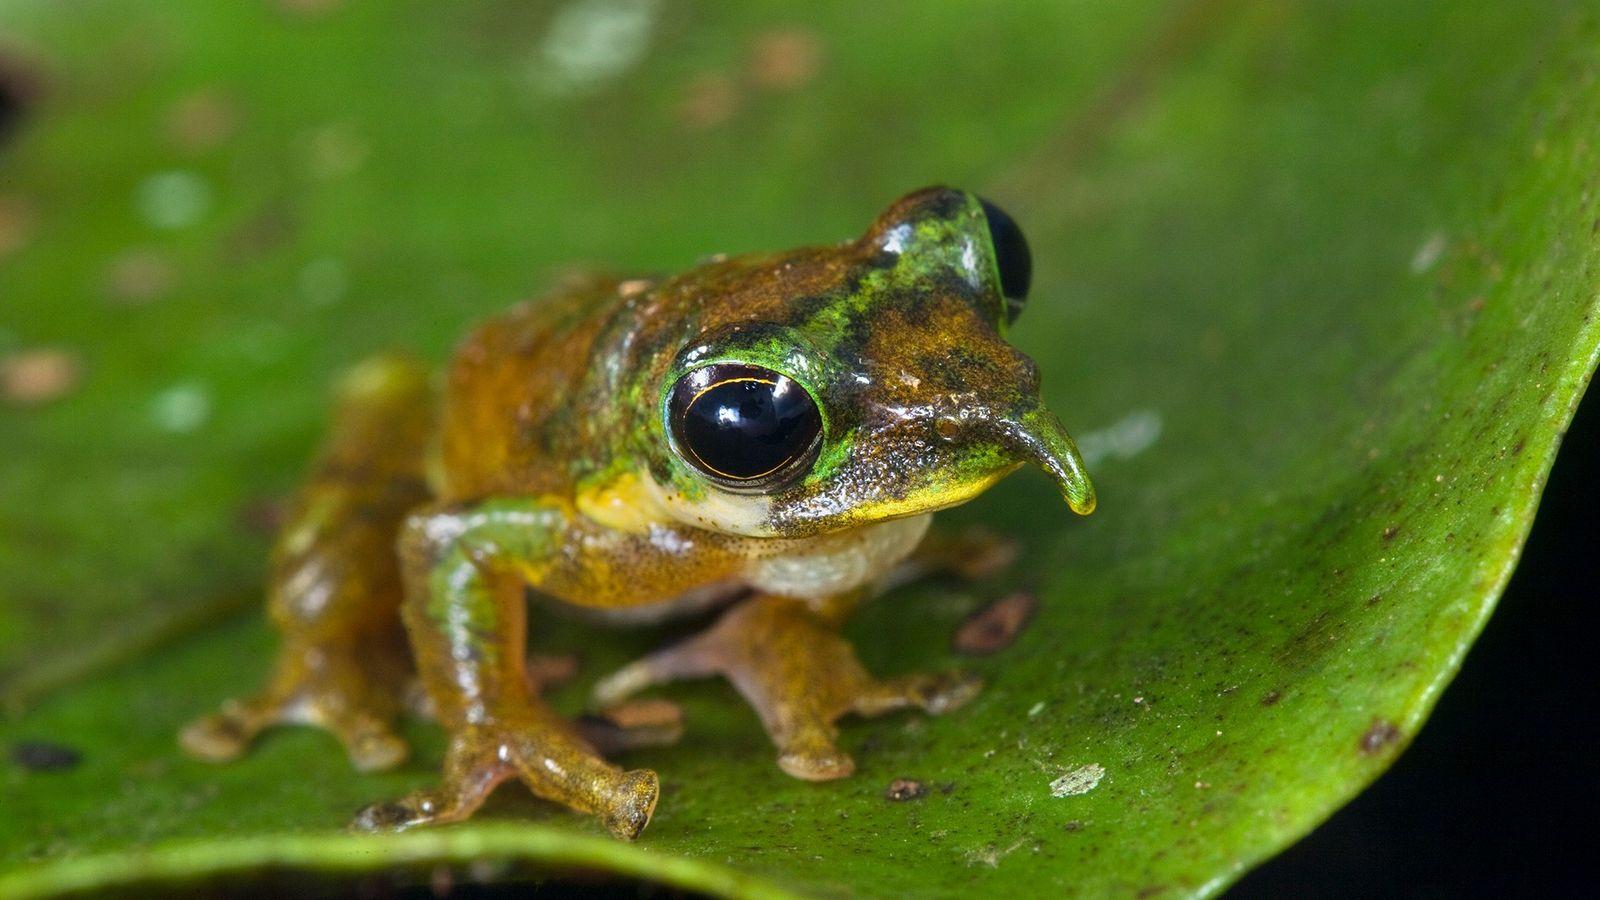 La grenouille Pinocchio du nord, Litoria pinocchio, se repose ici sur une feuille des forêts des ...